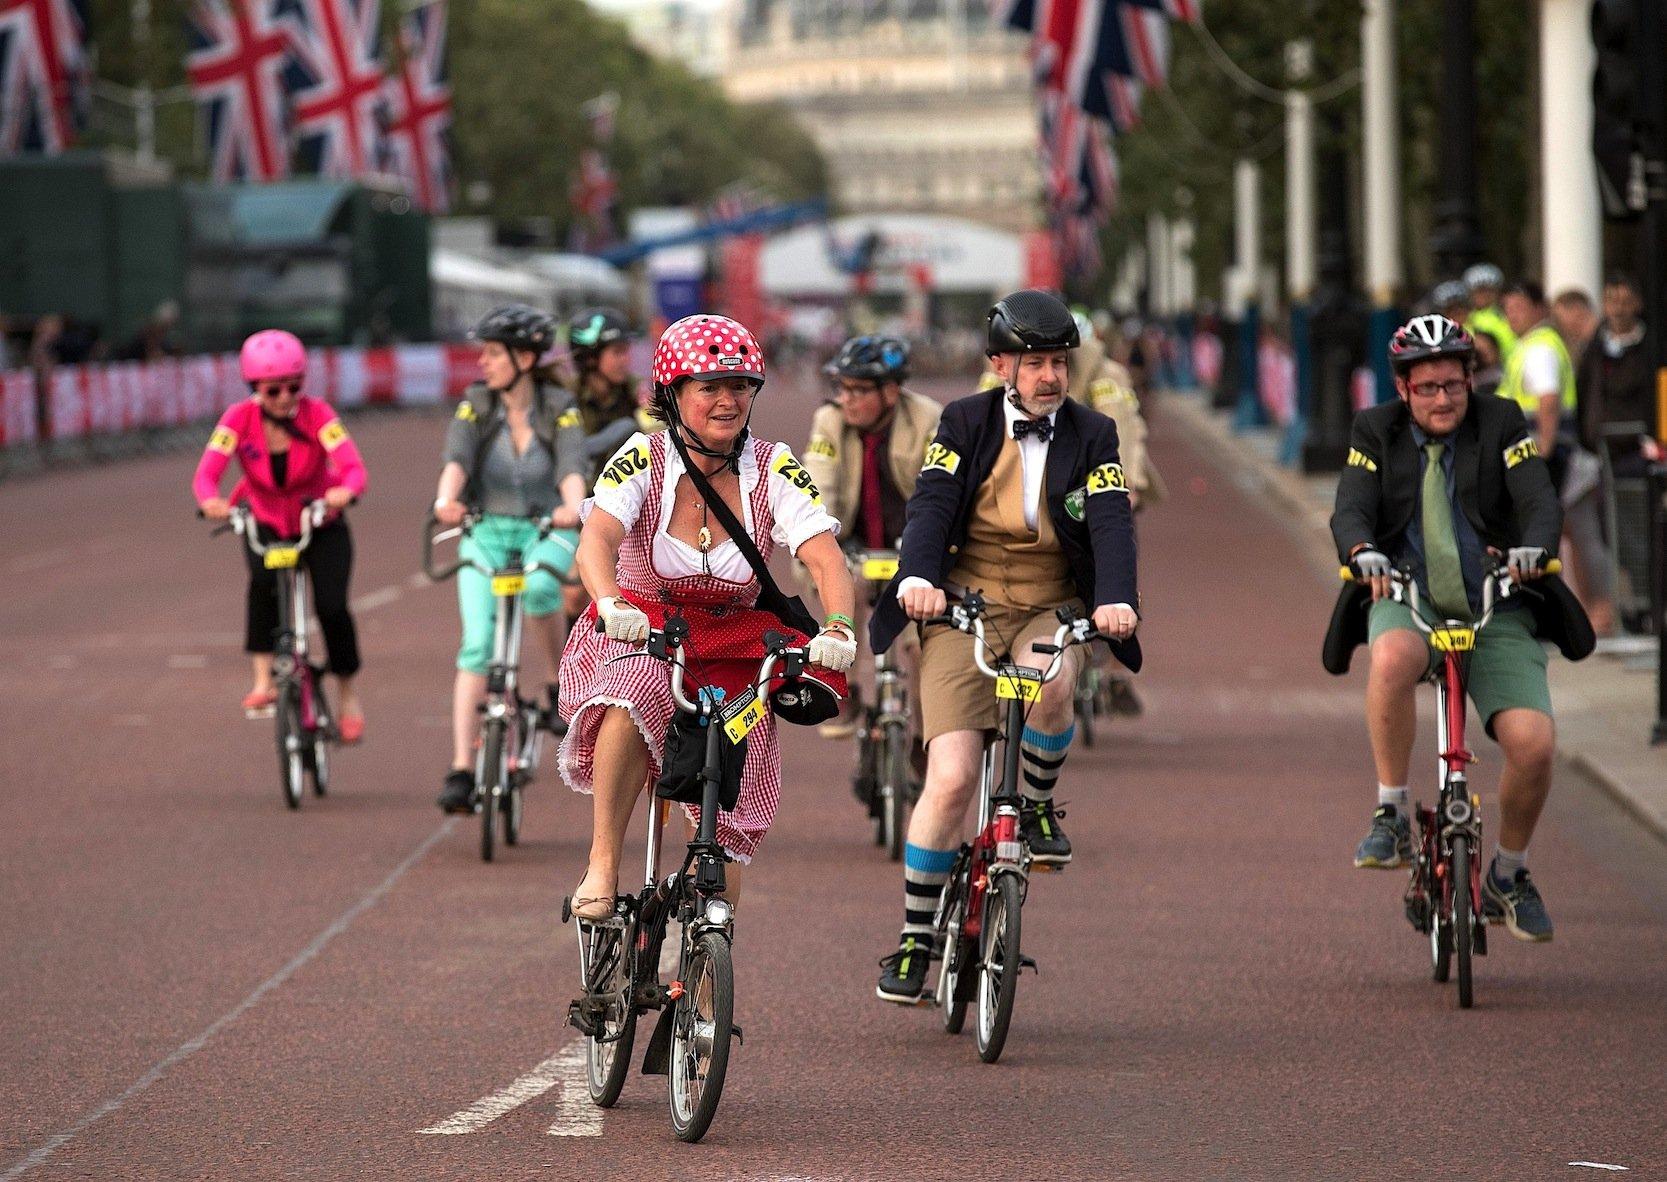 Beim Brompton-Rennen müssen die Räder beim Start erstmal aufgeklappt werden. Während des Rennens müssen Kleider und Sakkos getragen werden.